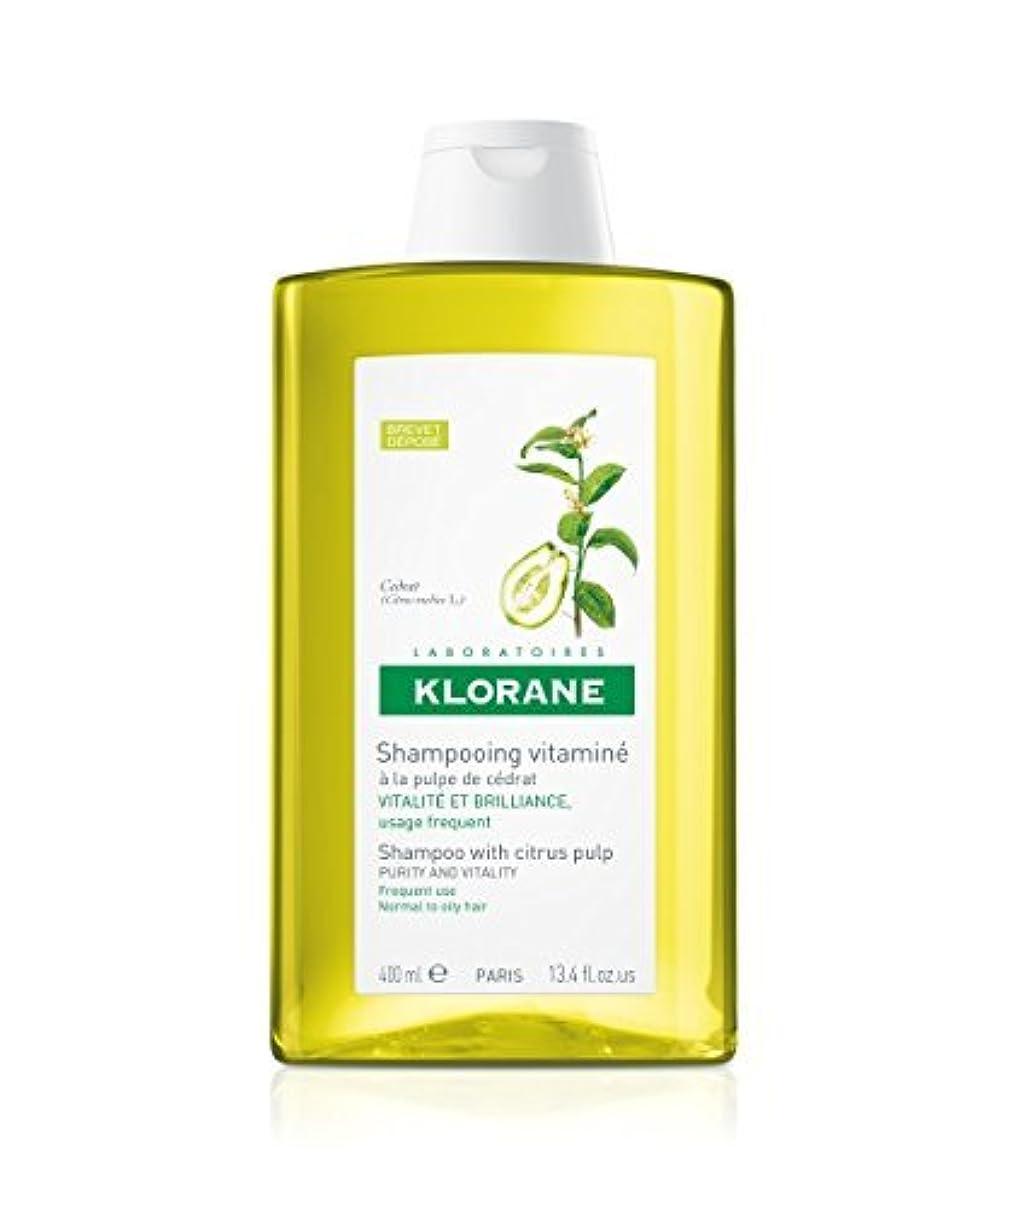 招待操縦する昼寝Shampoo with Citrus Pulp, 13.4 oz by Klorane [並行輸入品]